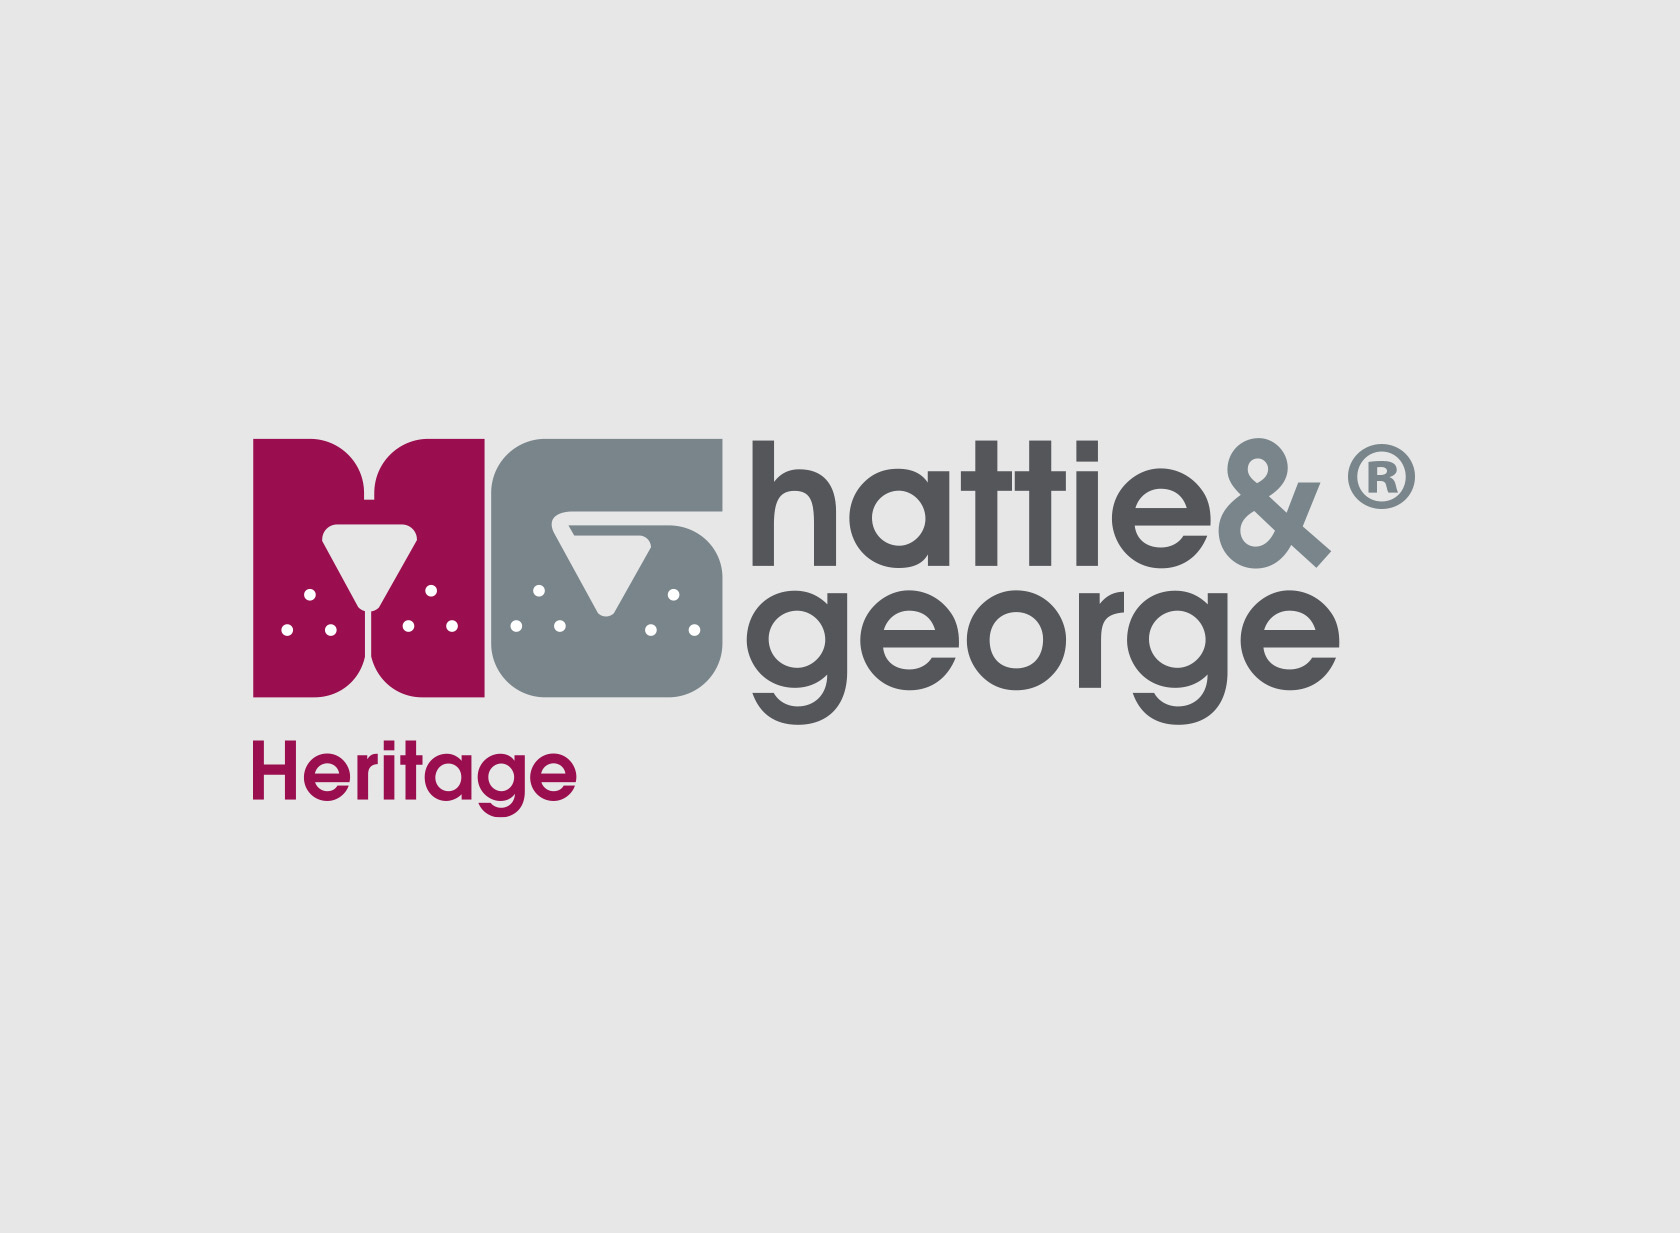 Hattie & George